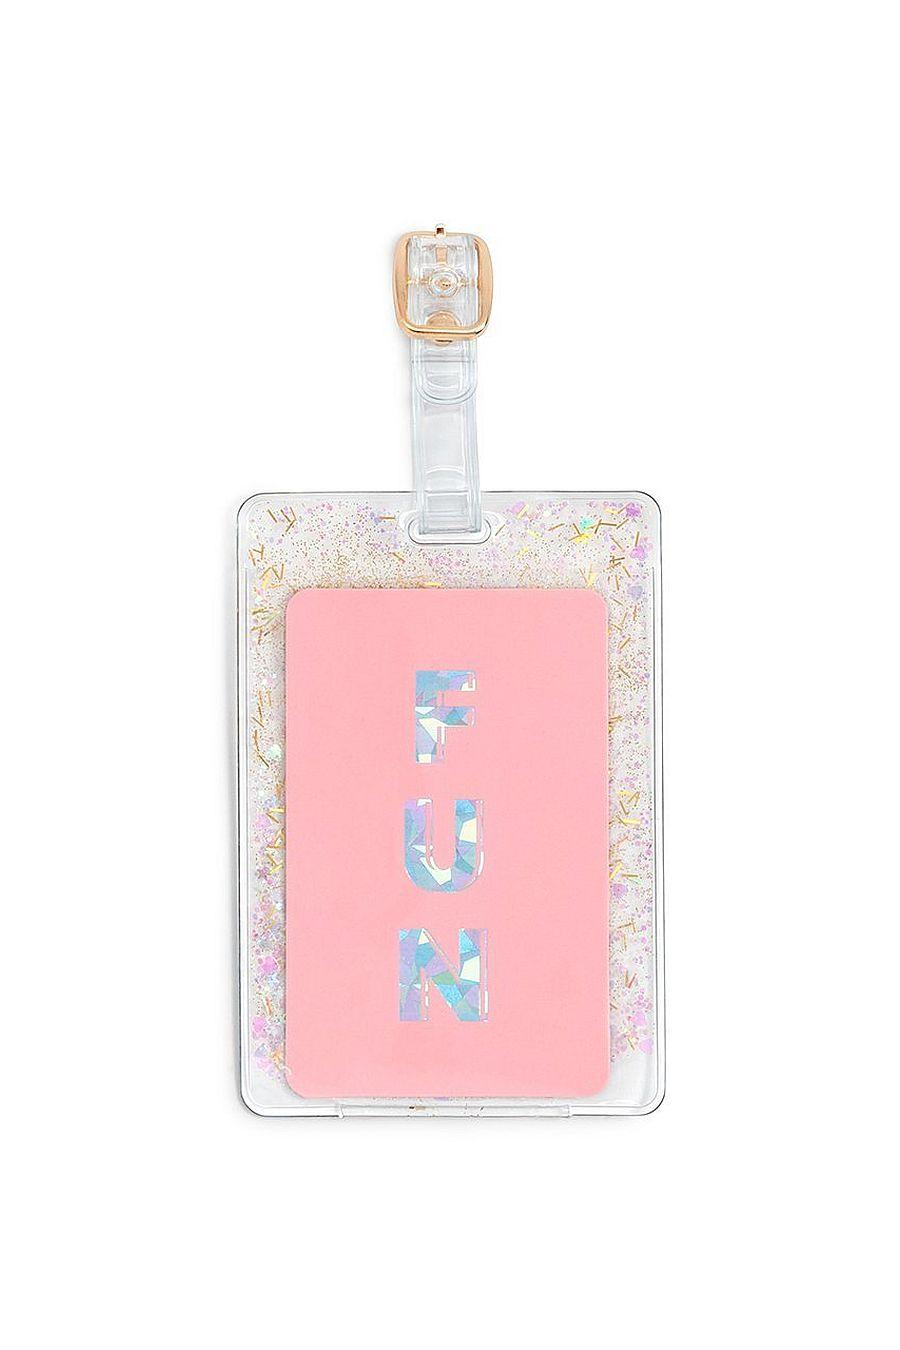 Ban.do Glitter Bomb Luggage Tag - Confetti